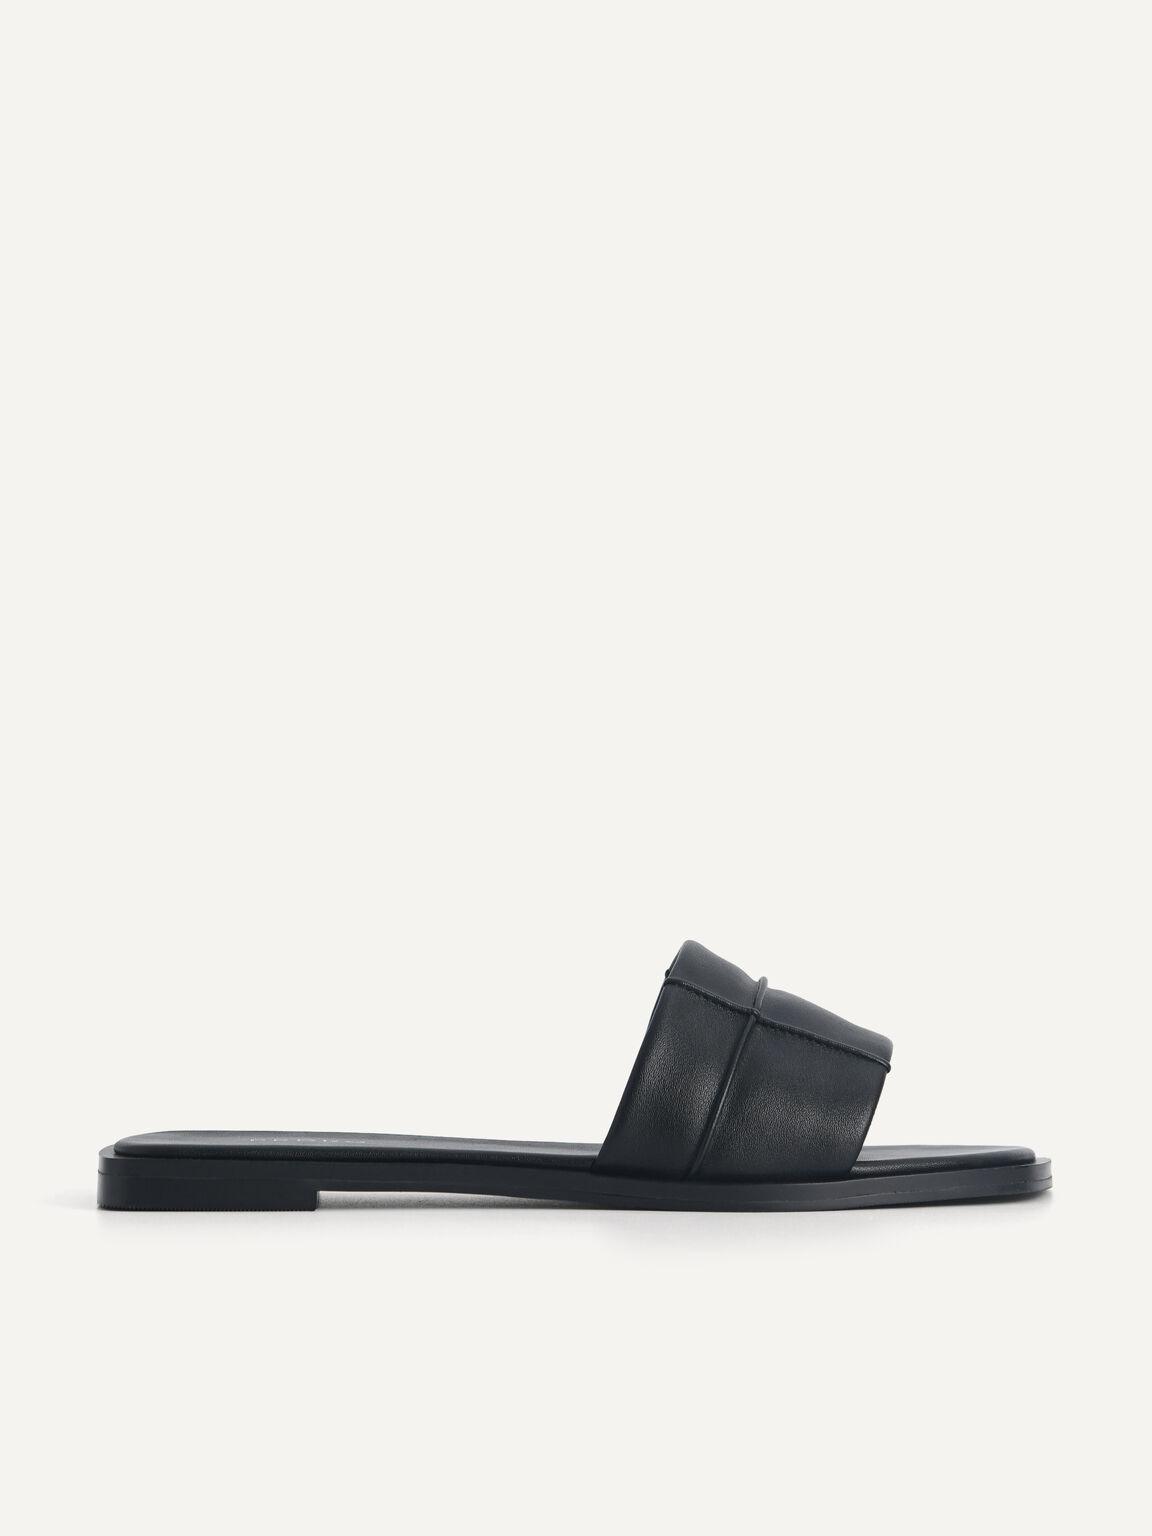 Slide Sandals, Black, hi-res